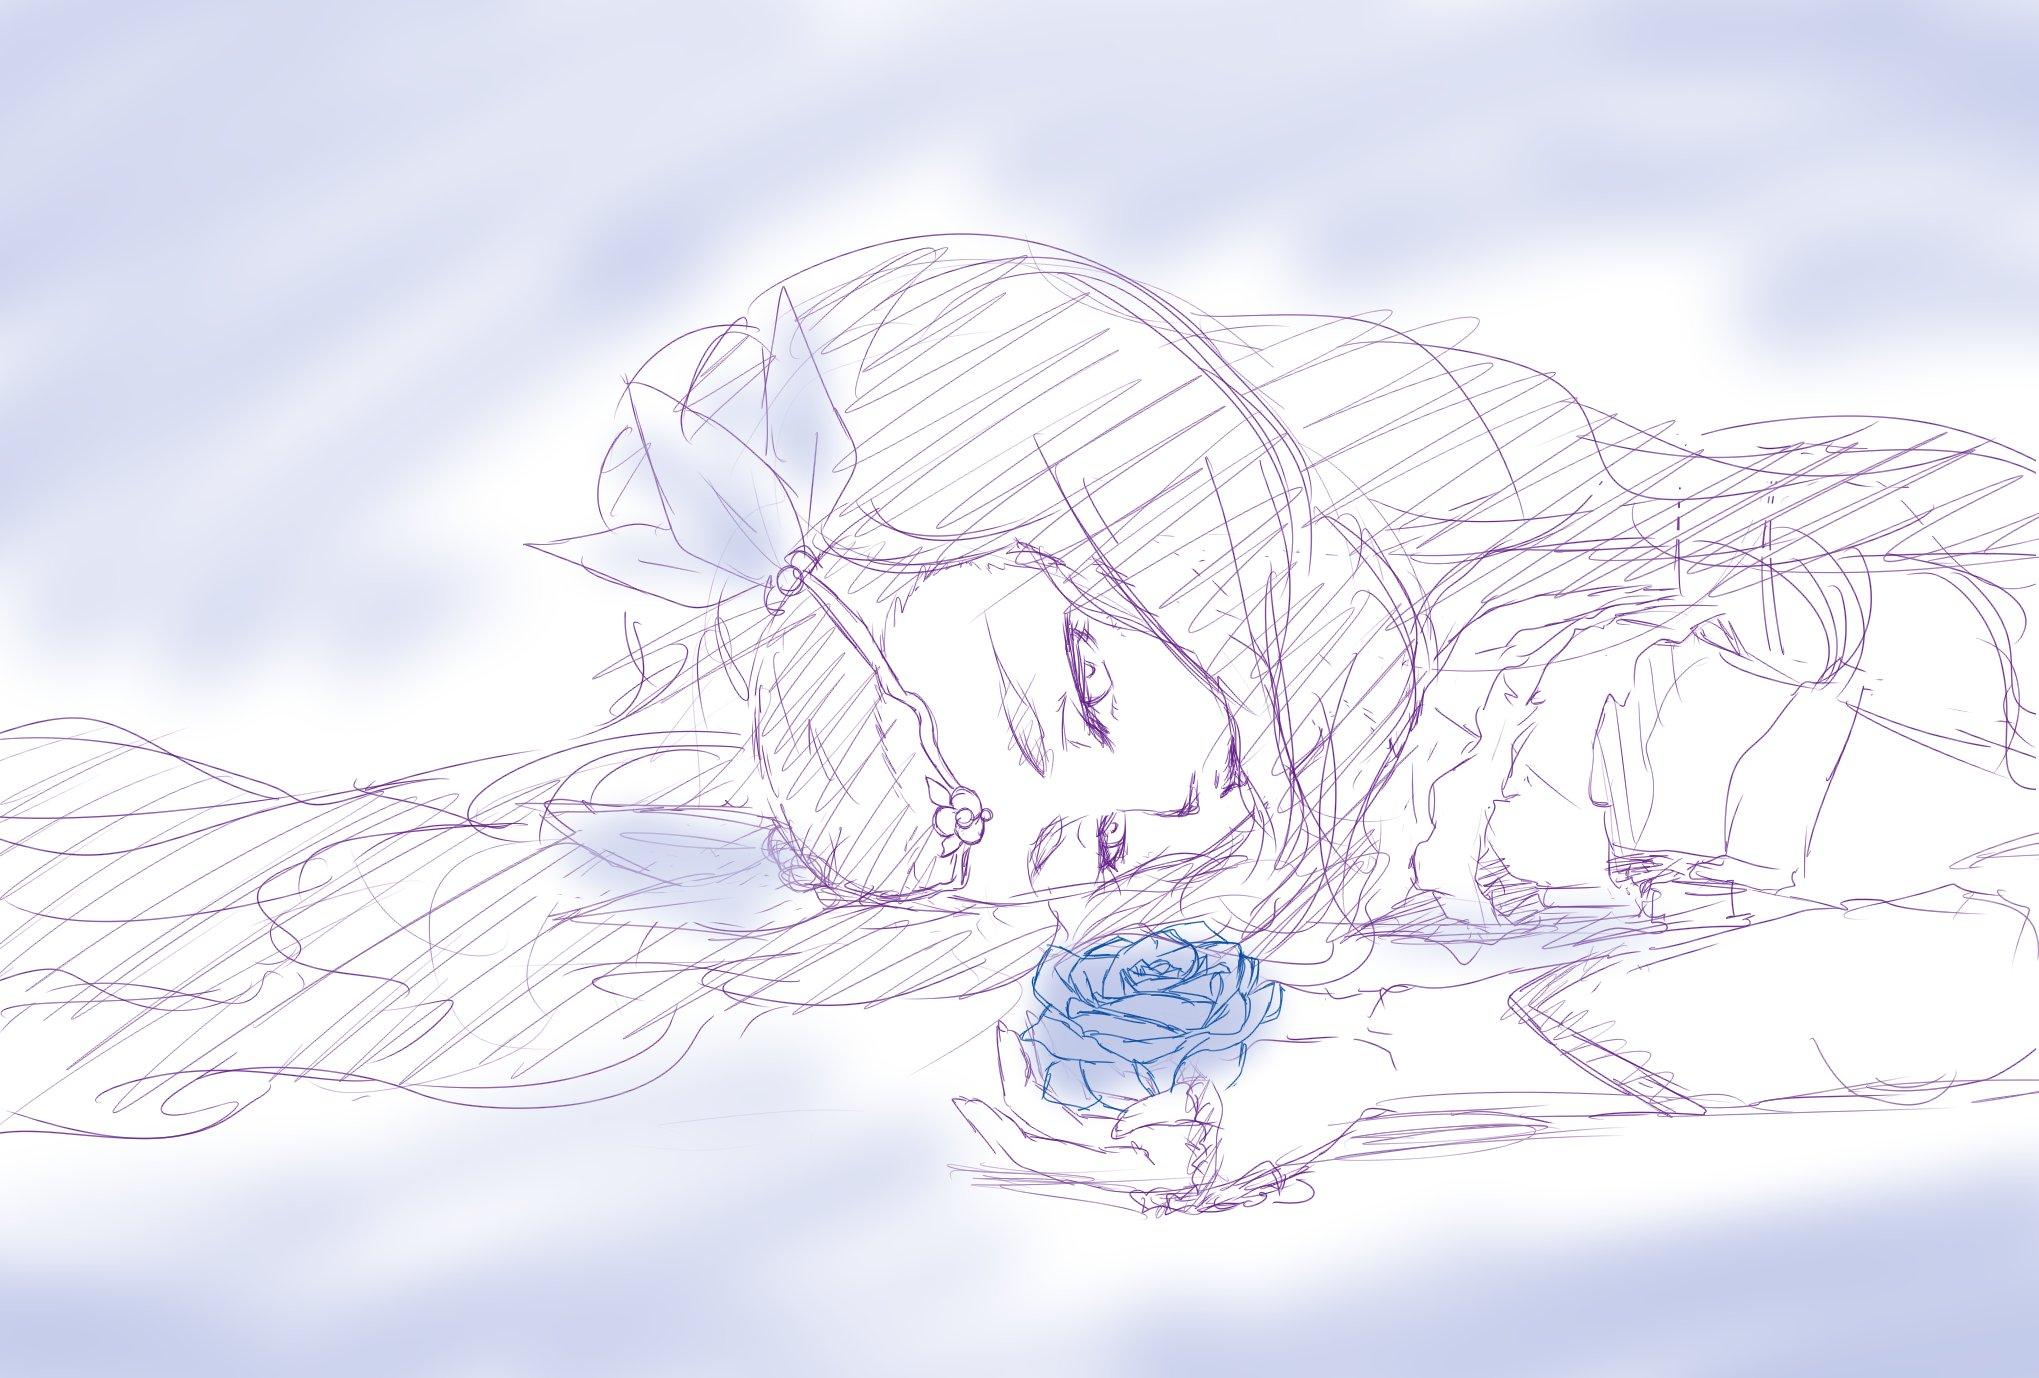 樹@律子Pではありません (@concerto_itsuki)さんのイラスト